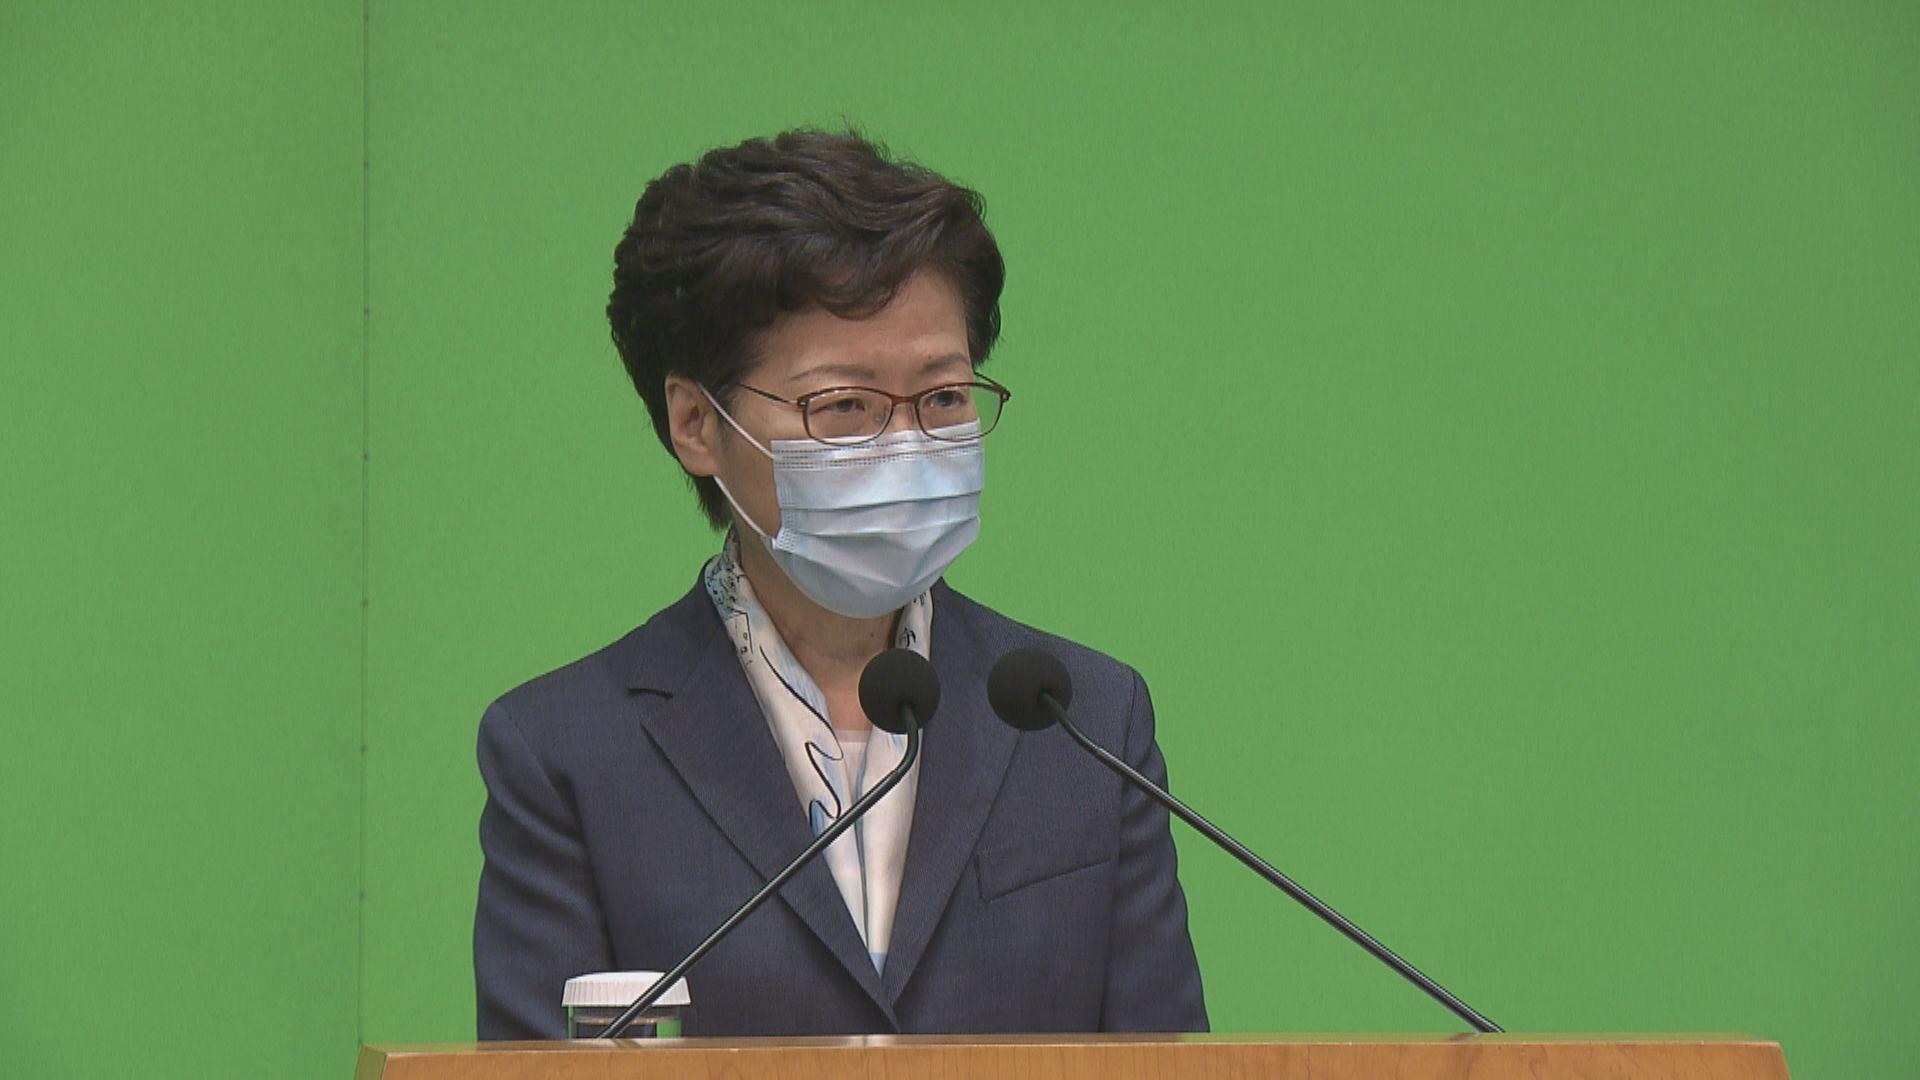 【最新】林鄭月娥對內會仍未選出主席深感遺憾 籲民主派回頭是岸